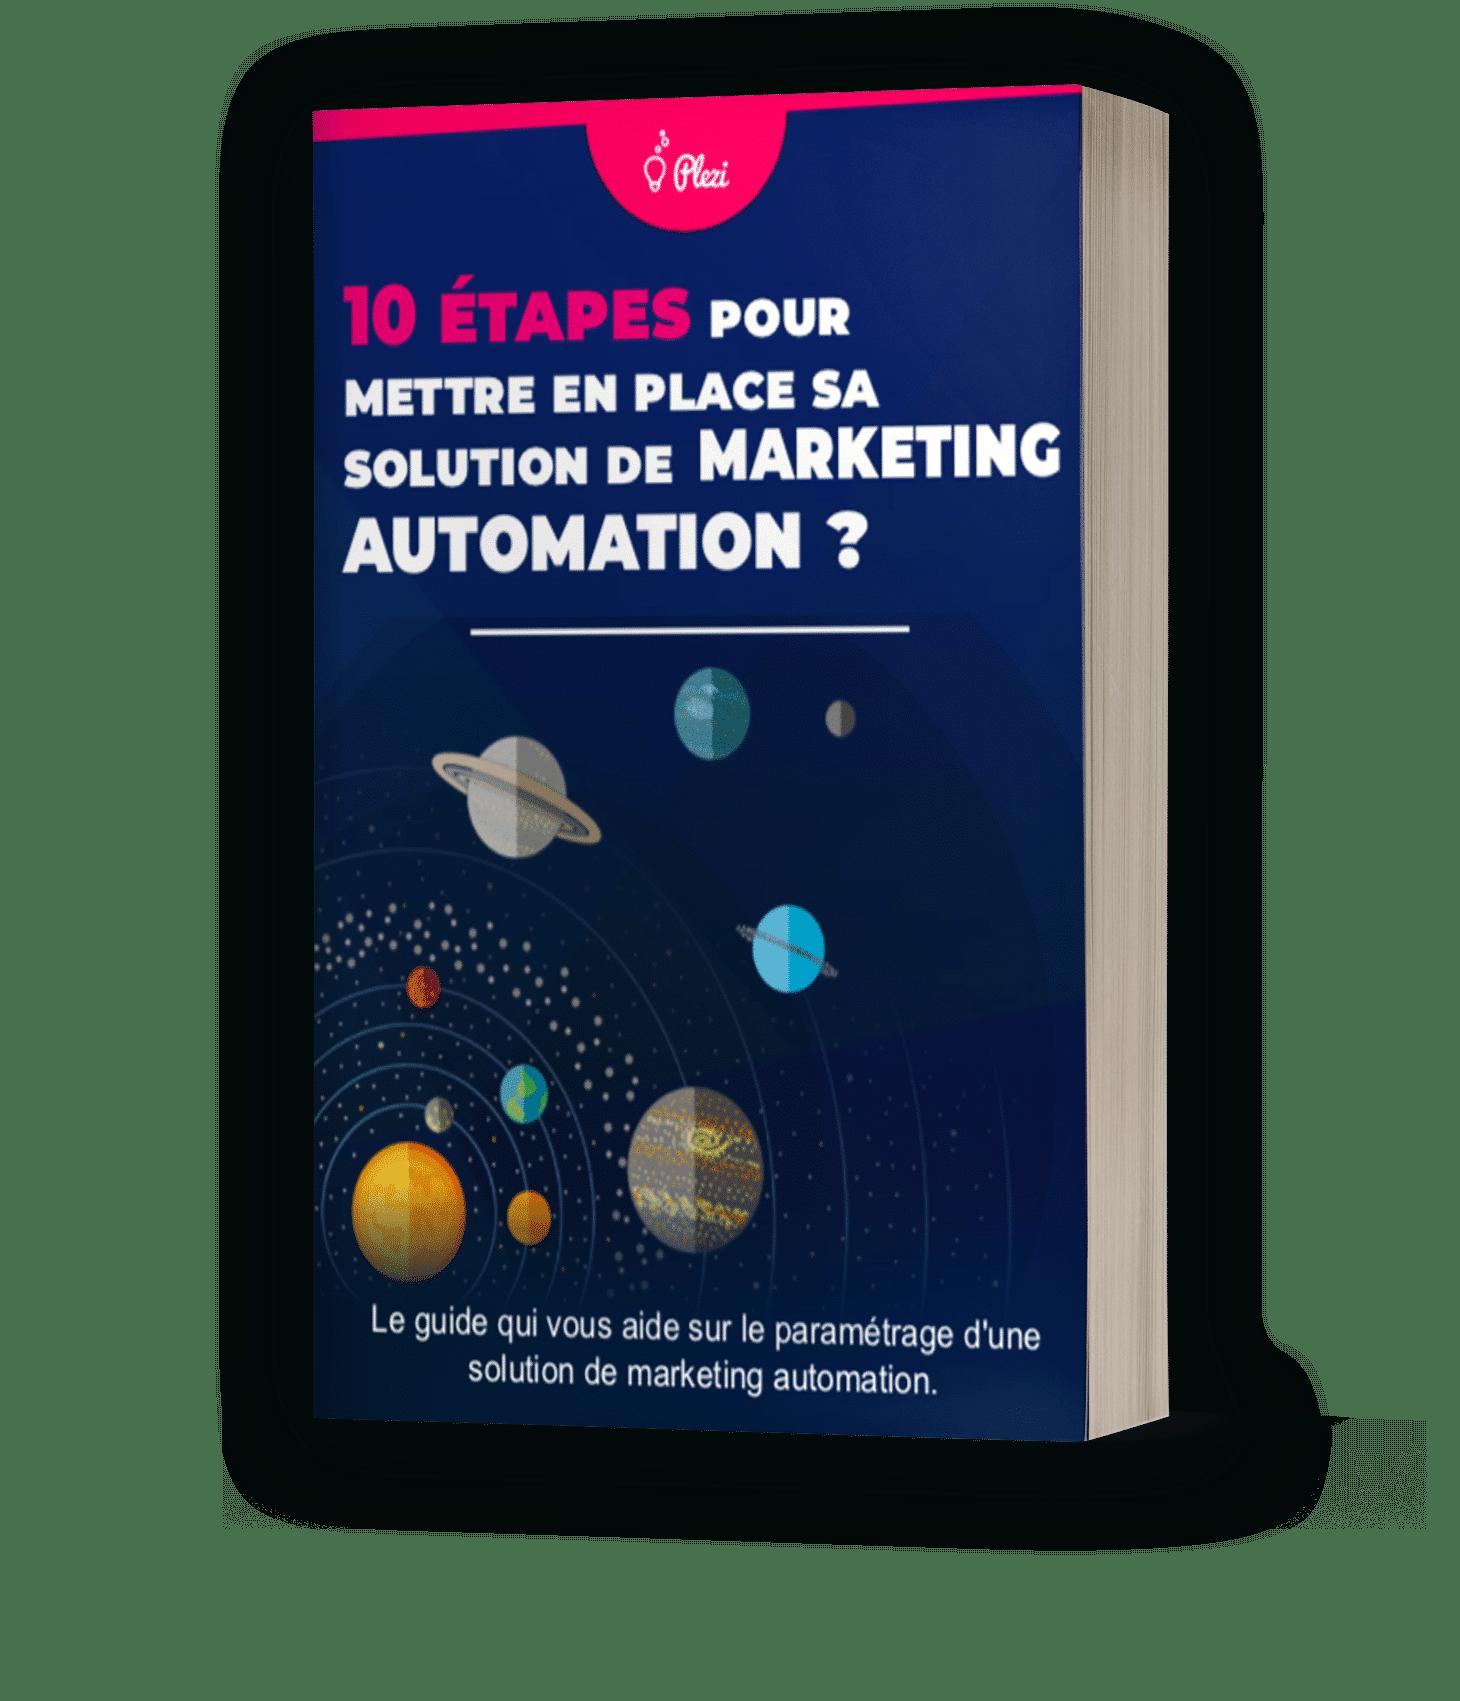 10 etapes pour mettre en place sa stratégie de marketing automation